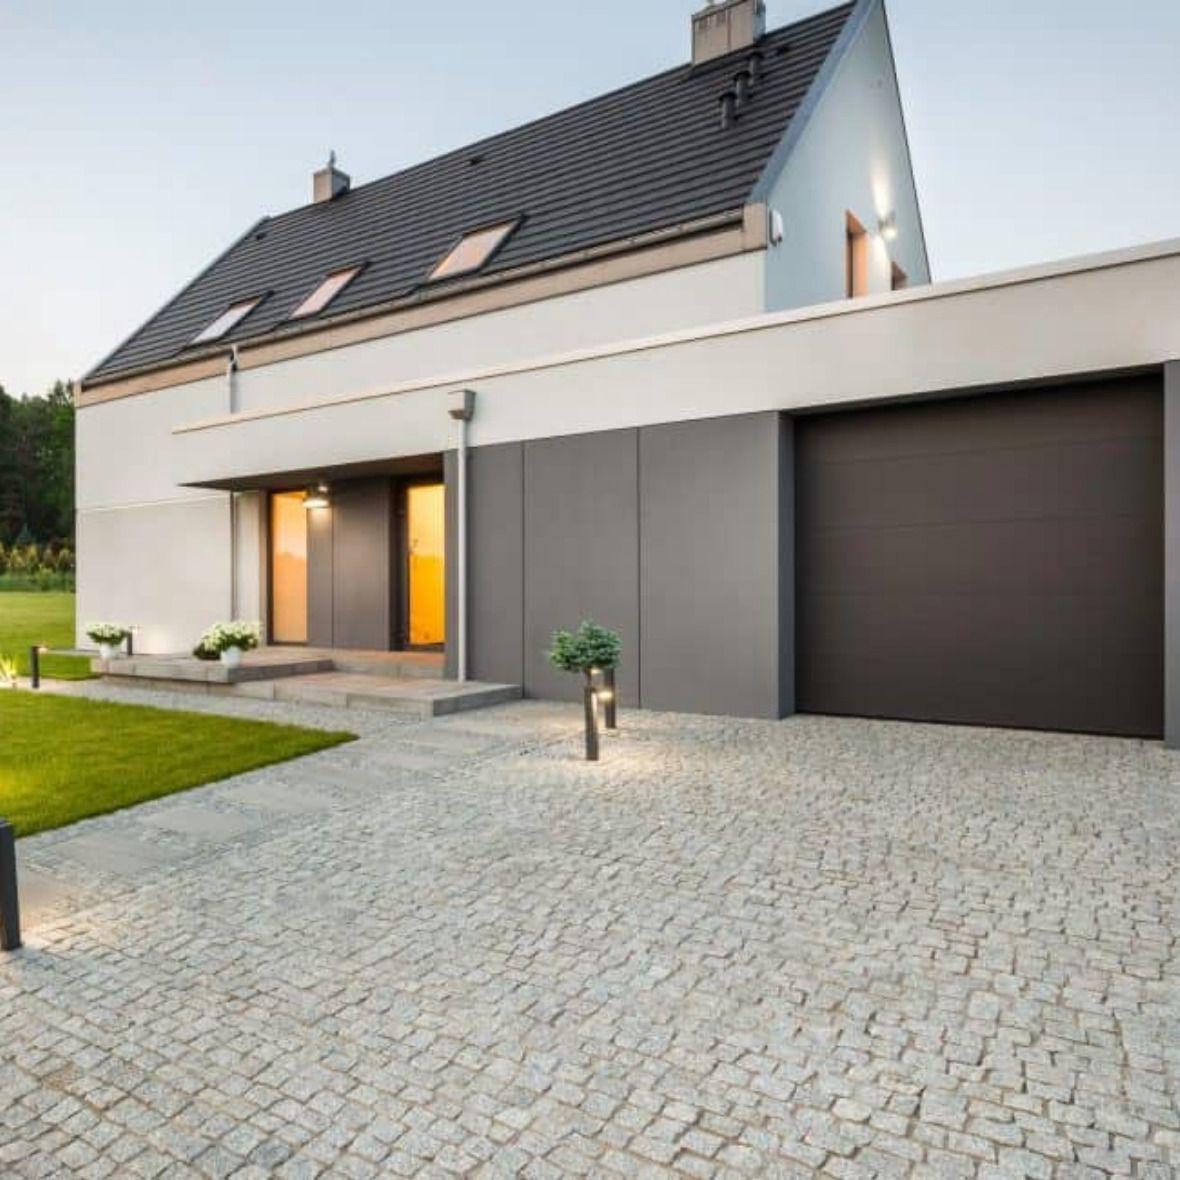 Epingle Sur Construction De Maison